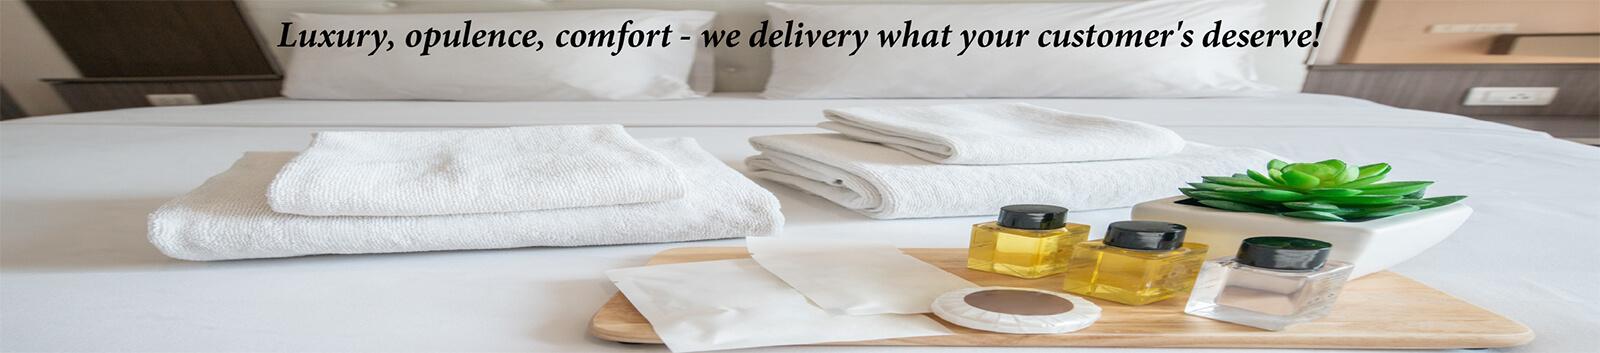 hospitality-banner-opt.jpg